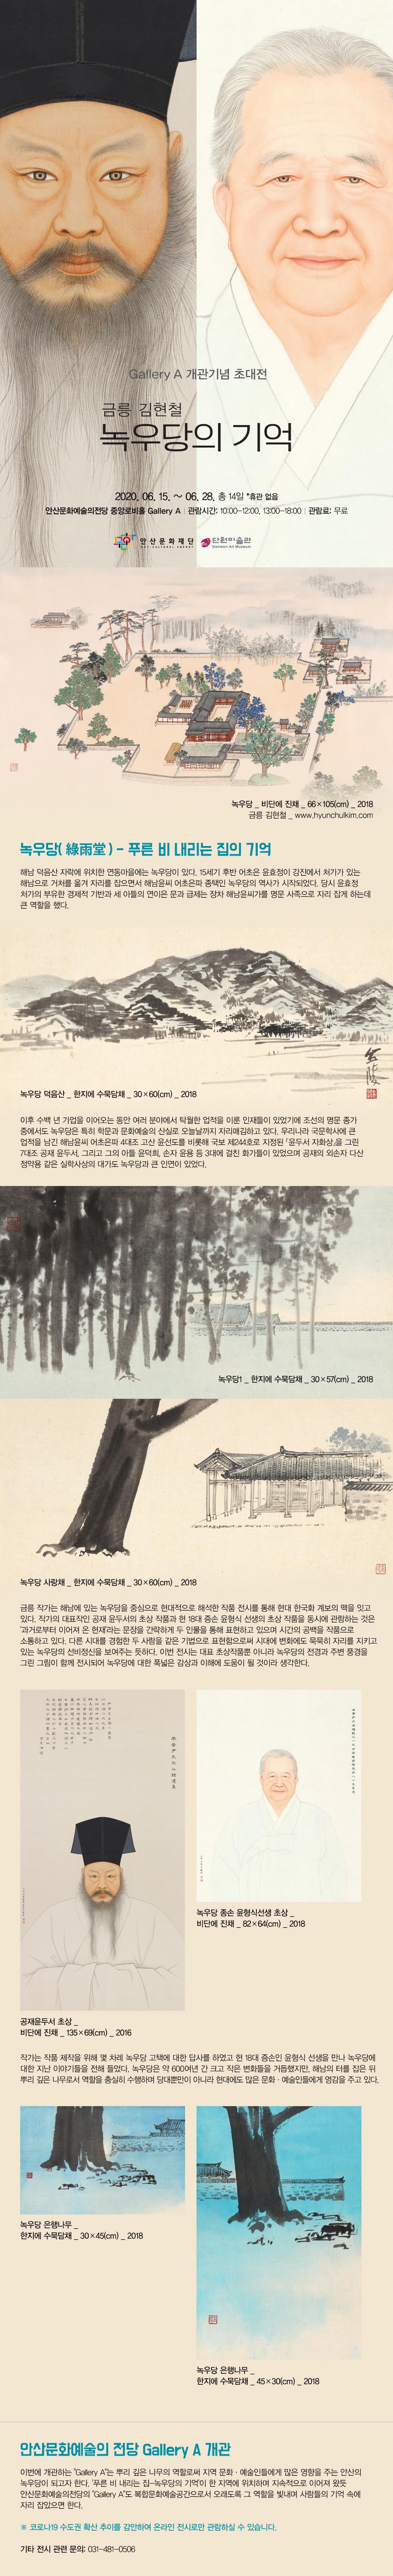 금릉 김현철 녹우당의 기억